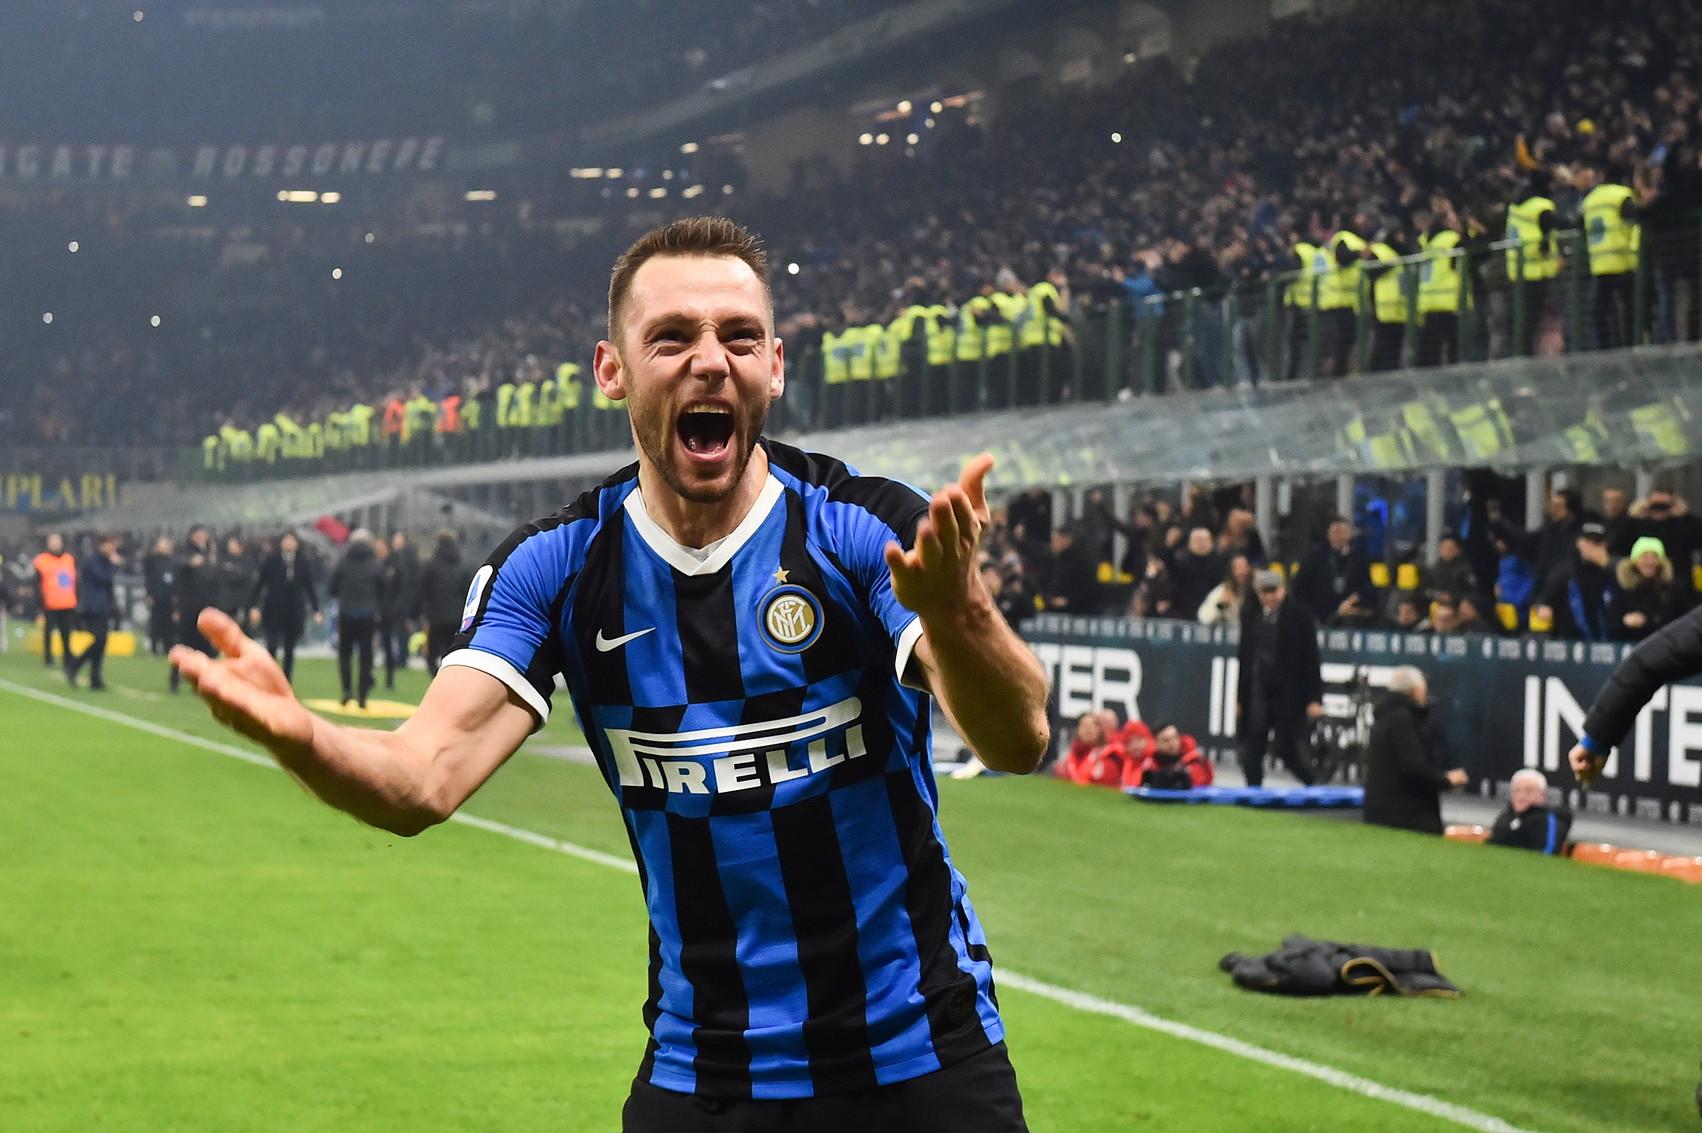 Difensore centrale: De Vrij (Inter)